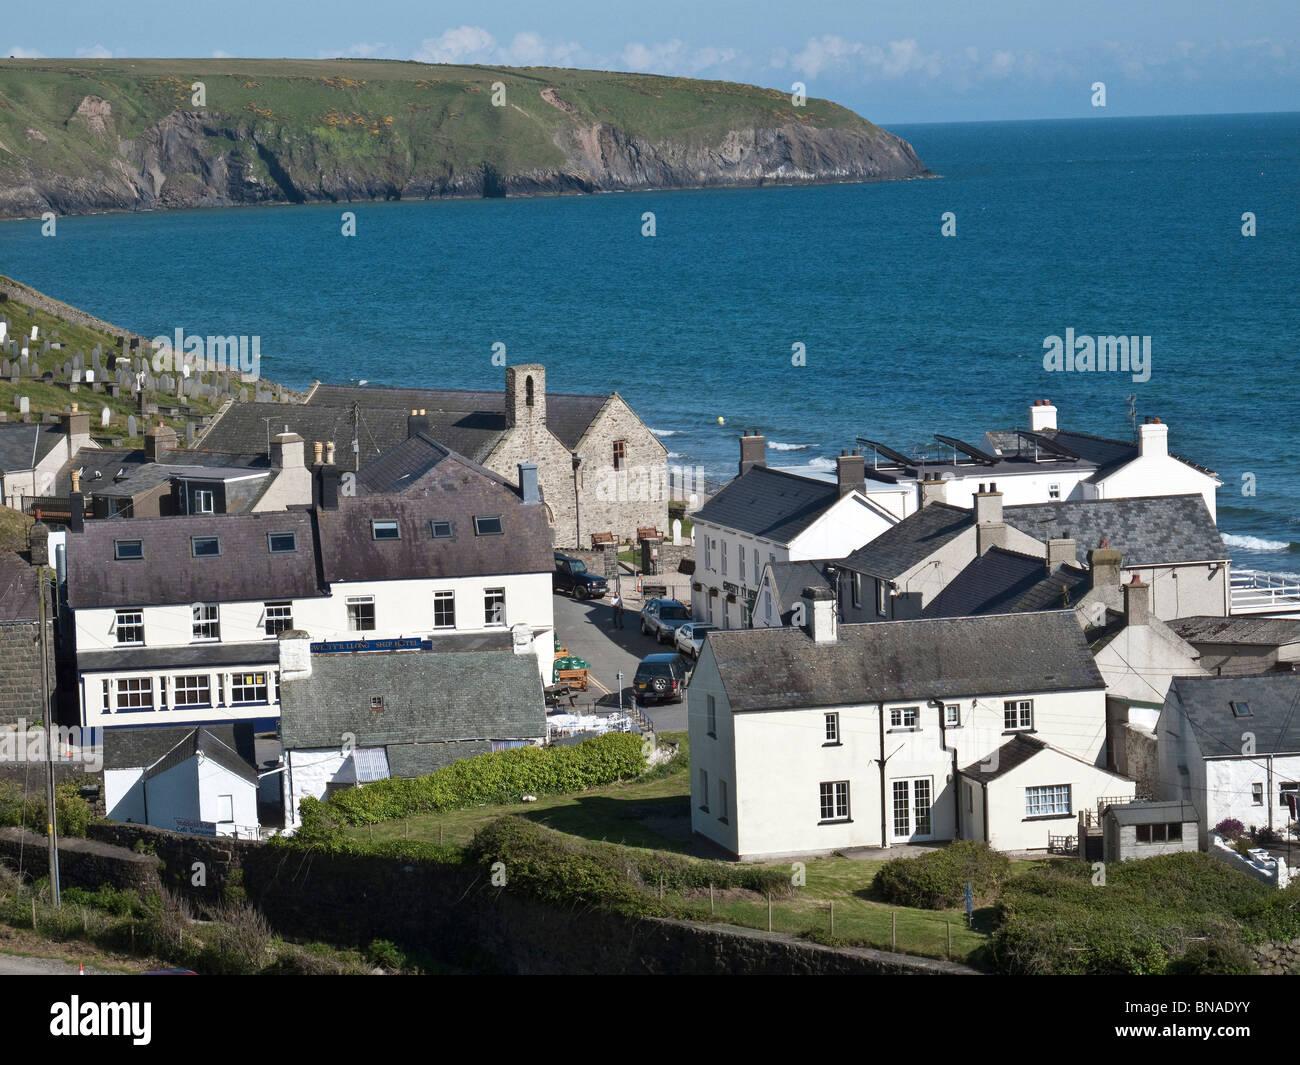 Aberdaron Wales Stock Photos & Aberdaron Wales Stock Images - Alamy